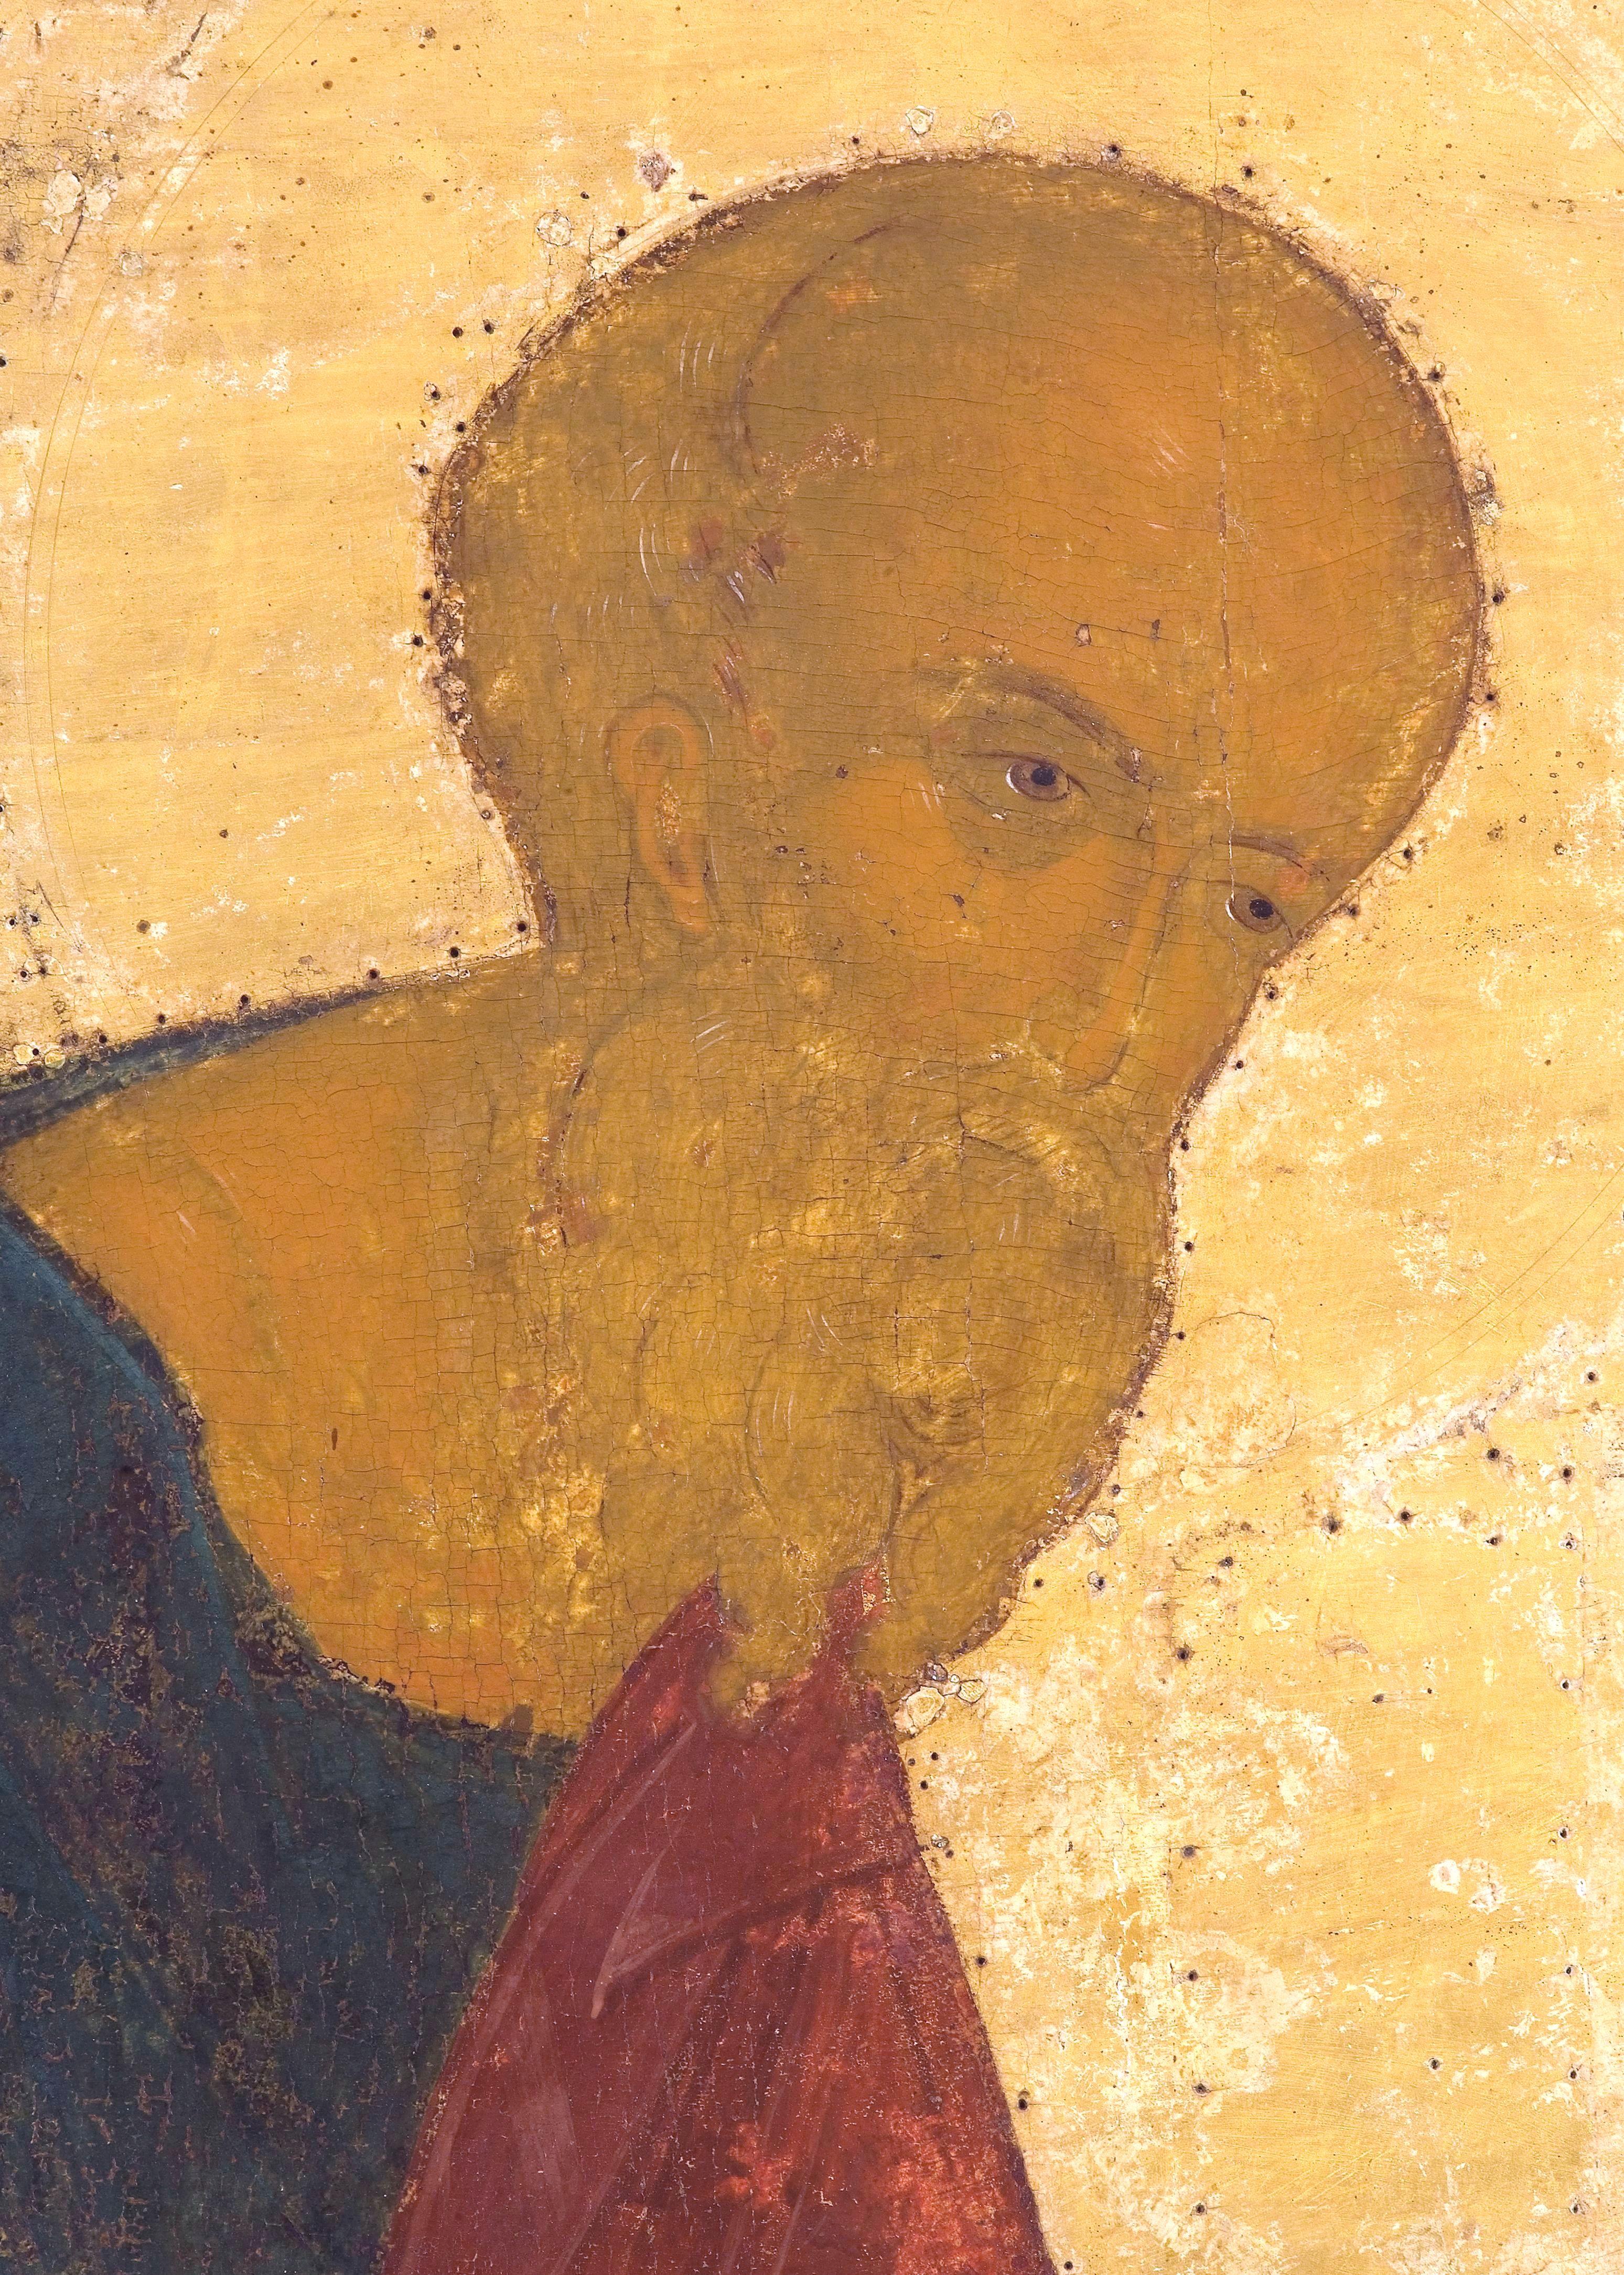 Святой Апостол и Евангелист Иоанн Богослов. Икона из Кирилло-Белозерского монастыря. Около 1497 года. Фрагмент.